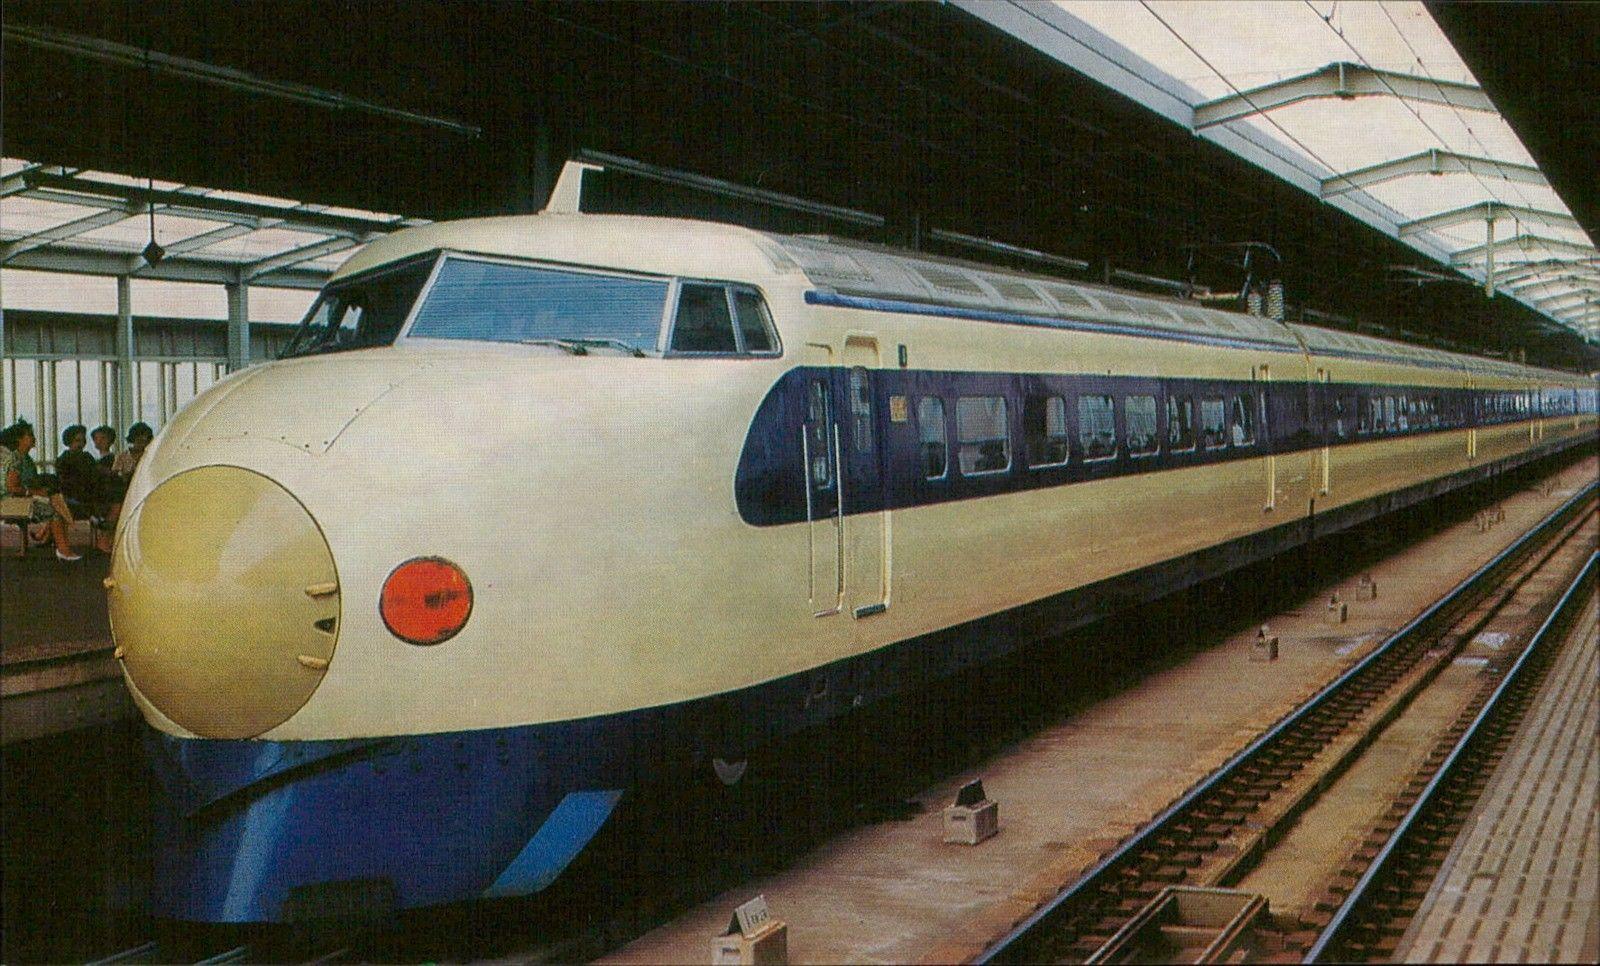 57e8d0dc8f4b47236bc1de19876c5cd2 - The Tokaido Shinkansen